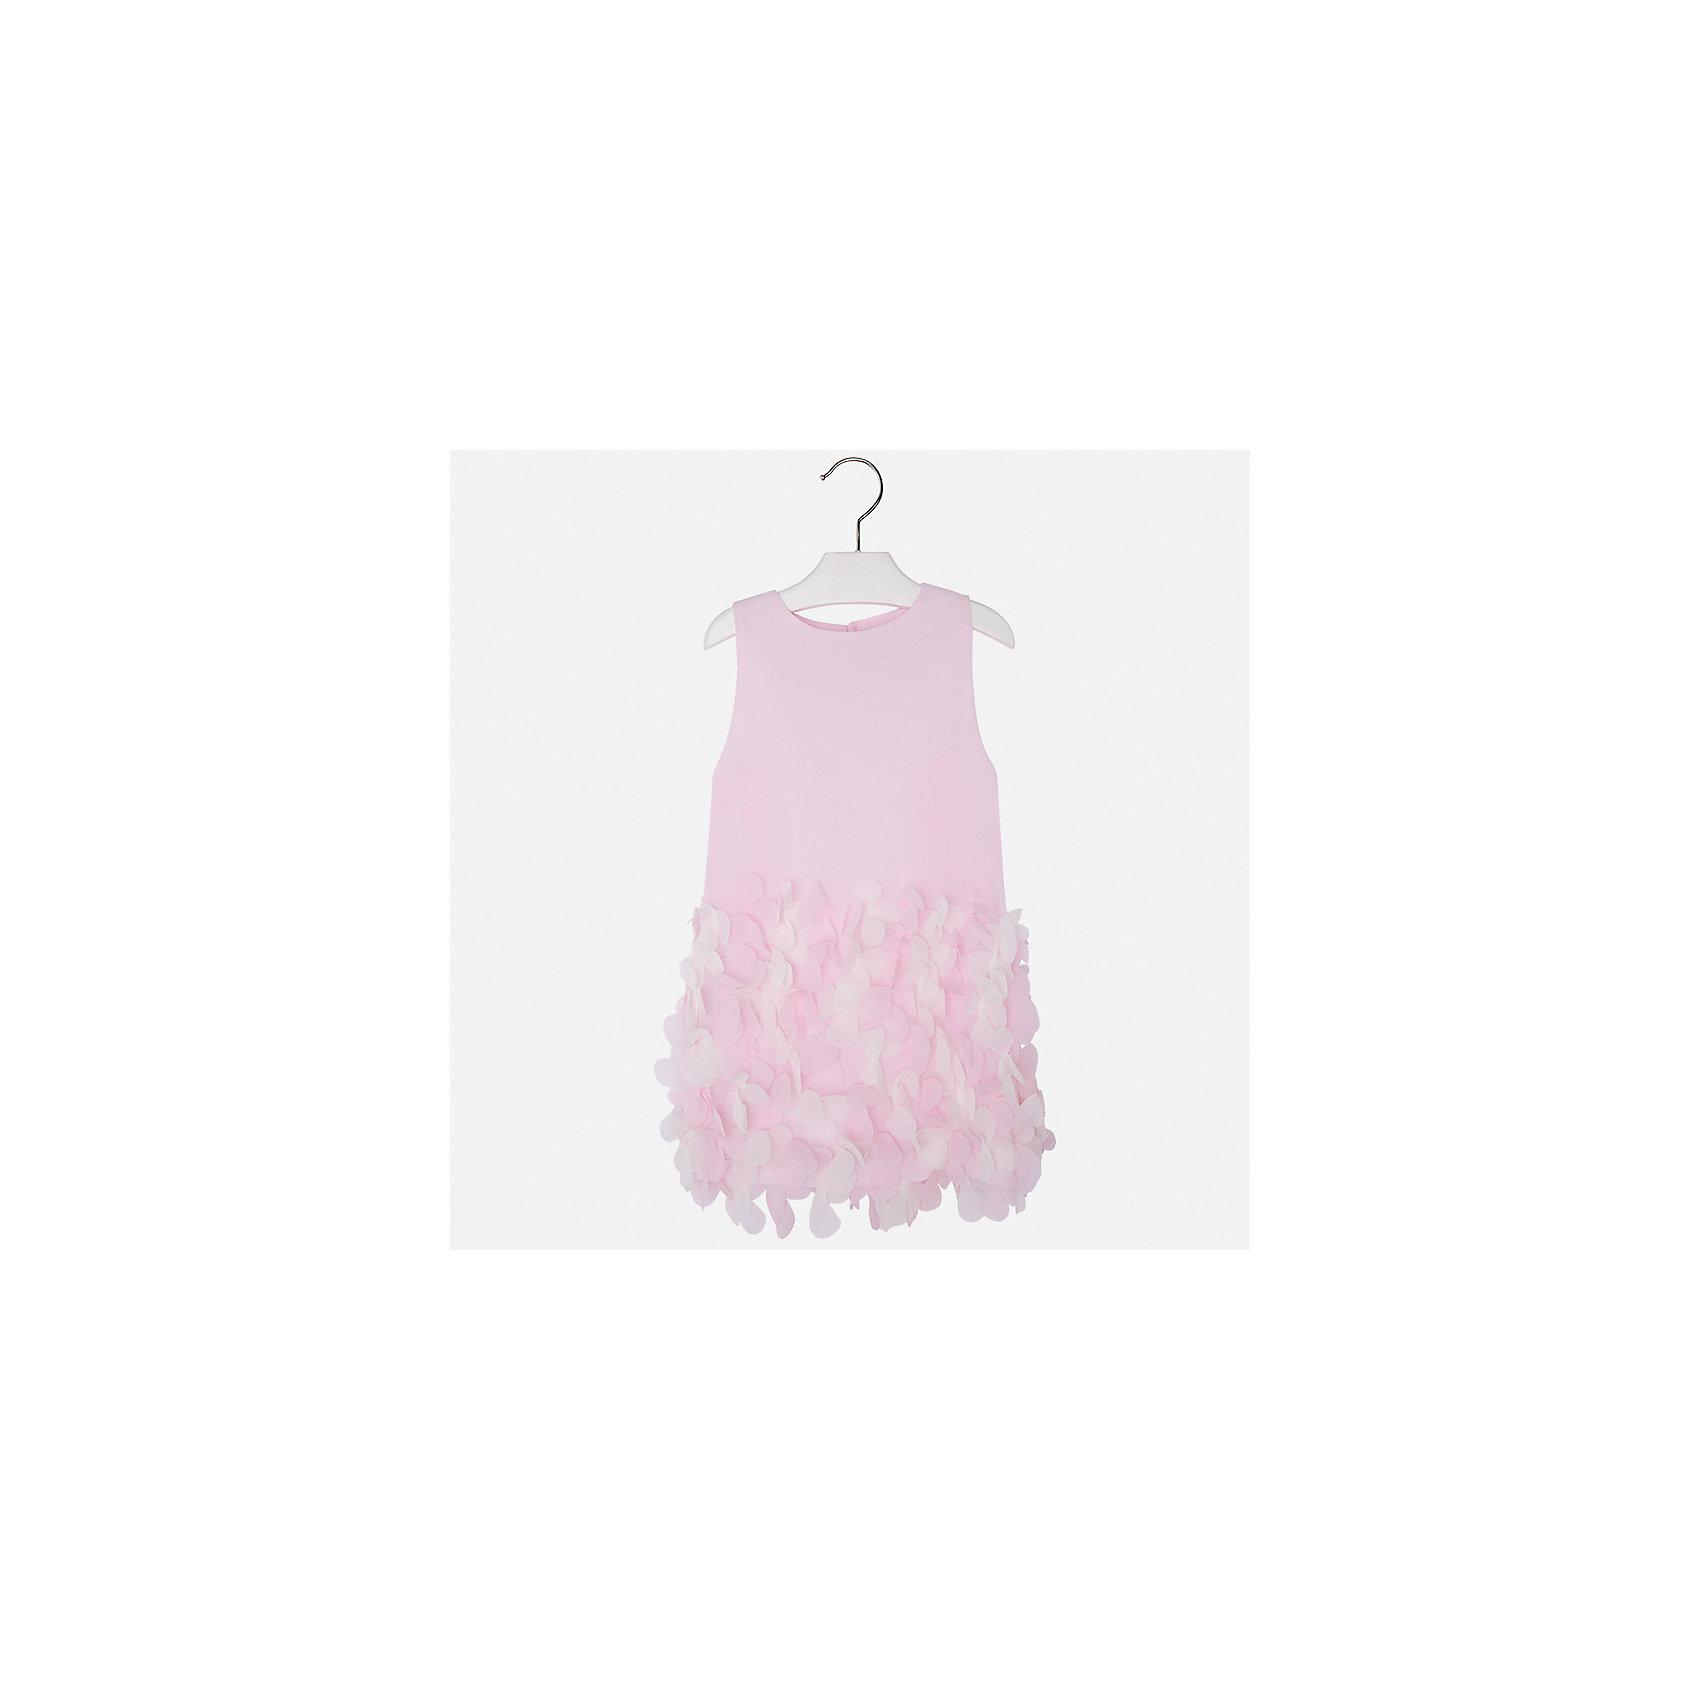 Платье для девочки MayoralОдежда<br>Характеристики товара:<br><br>• цвет: розовый<br>• состав: 100% полиэстер, подкладка - 65% полиэстер, 35% хлопок<br>• застежка: молния<br>• легкий материал<br>• объемные элементы на подоле<br>• без рукавов<br>• с подкладкой<br>• страна бренда: Испания<br><br>Эффектное платье для девочки поможет разнообразить гардероб ребенка и создать эффектный наряд. Оно отлично подойдет и для торжественных случаев. Красивый оттенок позволяет подобрать к вещи обувь разных расцветок. В составе материала подкладки - натуральный хлопок, гипоаллергенный, приятный на ощупь, дышащий. Платье хорошо сидит по фигуре.<br><br>Одежда, обувь и аксессуары от испанского бренда Mayoral полюбились детям и взрослым по всему миру. Модели этой марки - стильные и удобные. Для их производства используются только безопасные, качественные материалы и фурнитура. Порадуйте ребенка модными и красивыми вещами от Mayoral! <br><br>Платье для девочки от испанского бренда Mayoral (Майорал) можно купить в нашем интернет-магазине.<br><br>Ширина мм: 236<br>Глубина мм: 16<br>Высота мм: 184<br>Вес г: 177<br>Цвет: розовый<br>Возраст от месяцев: 96<br>Возраст до месяцев: 108<br>Пол: Женский<br>Возраст: Детский<br>Размер: 134,92,98,104,110,116,122,128<br>SKU: 5291171